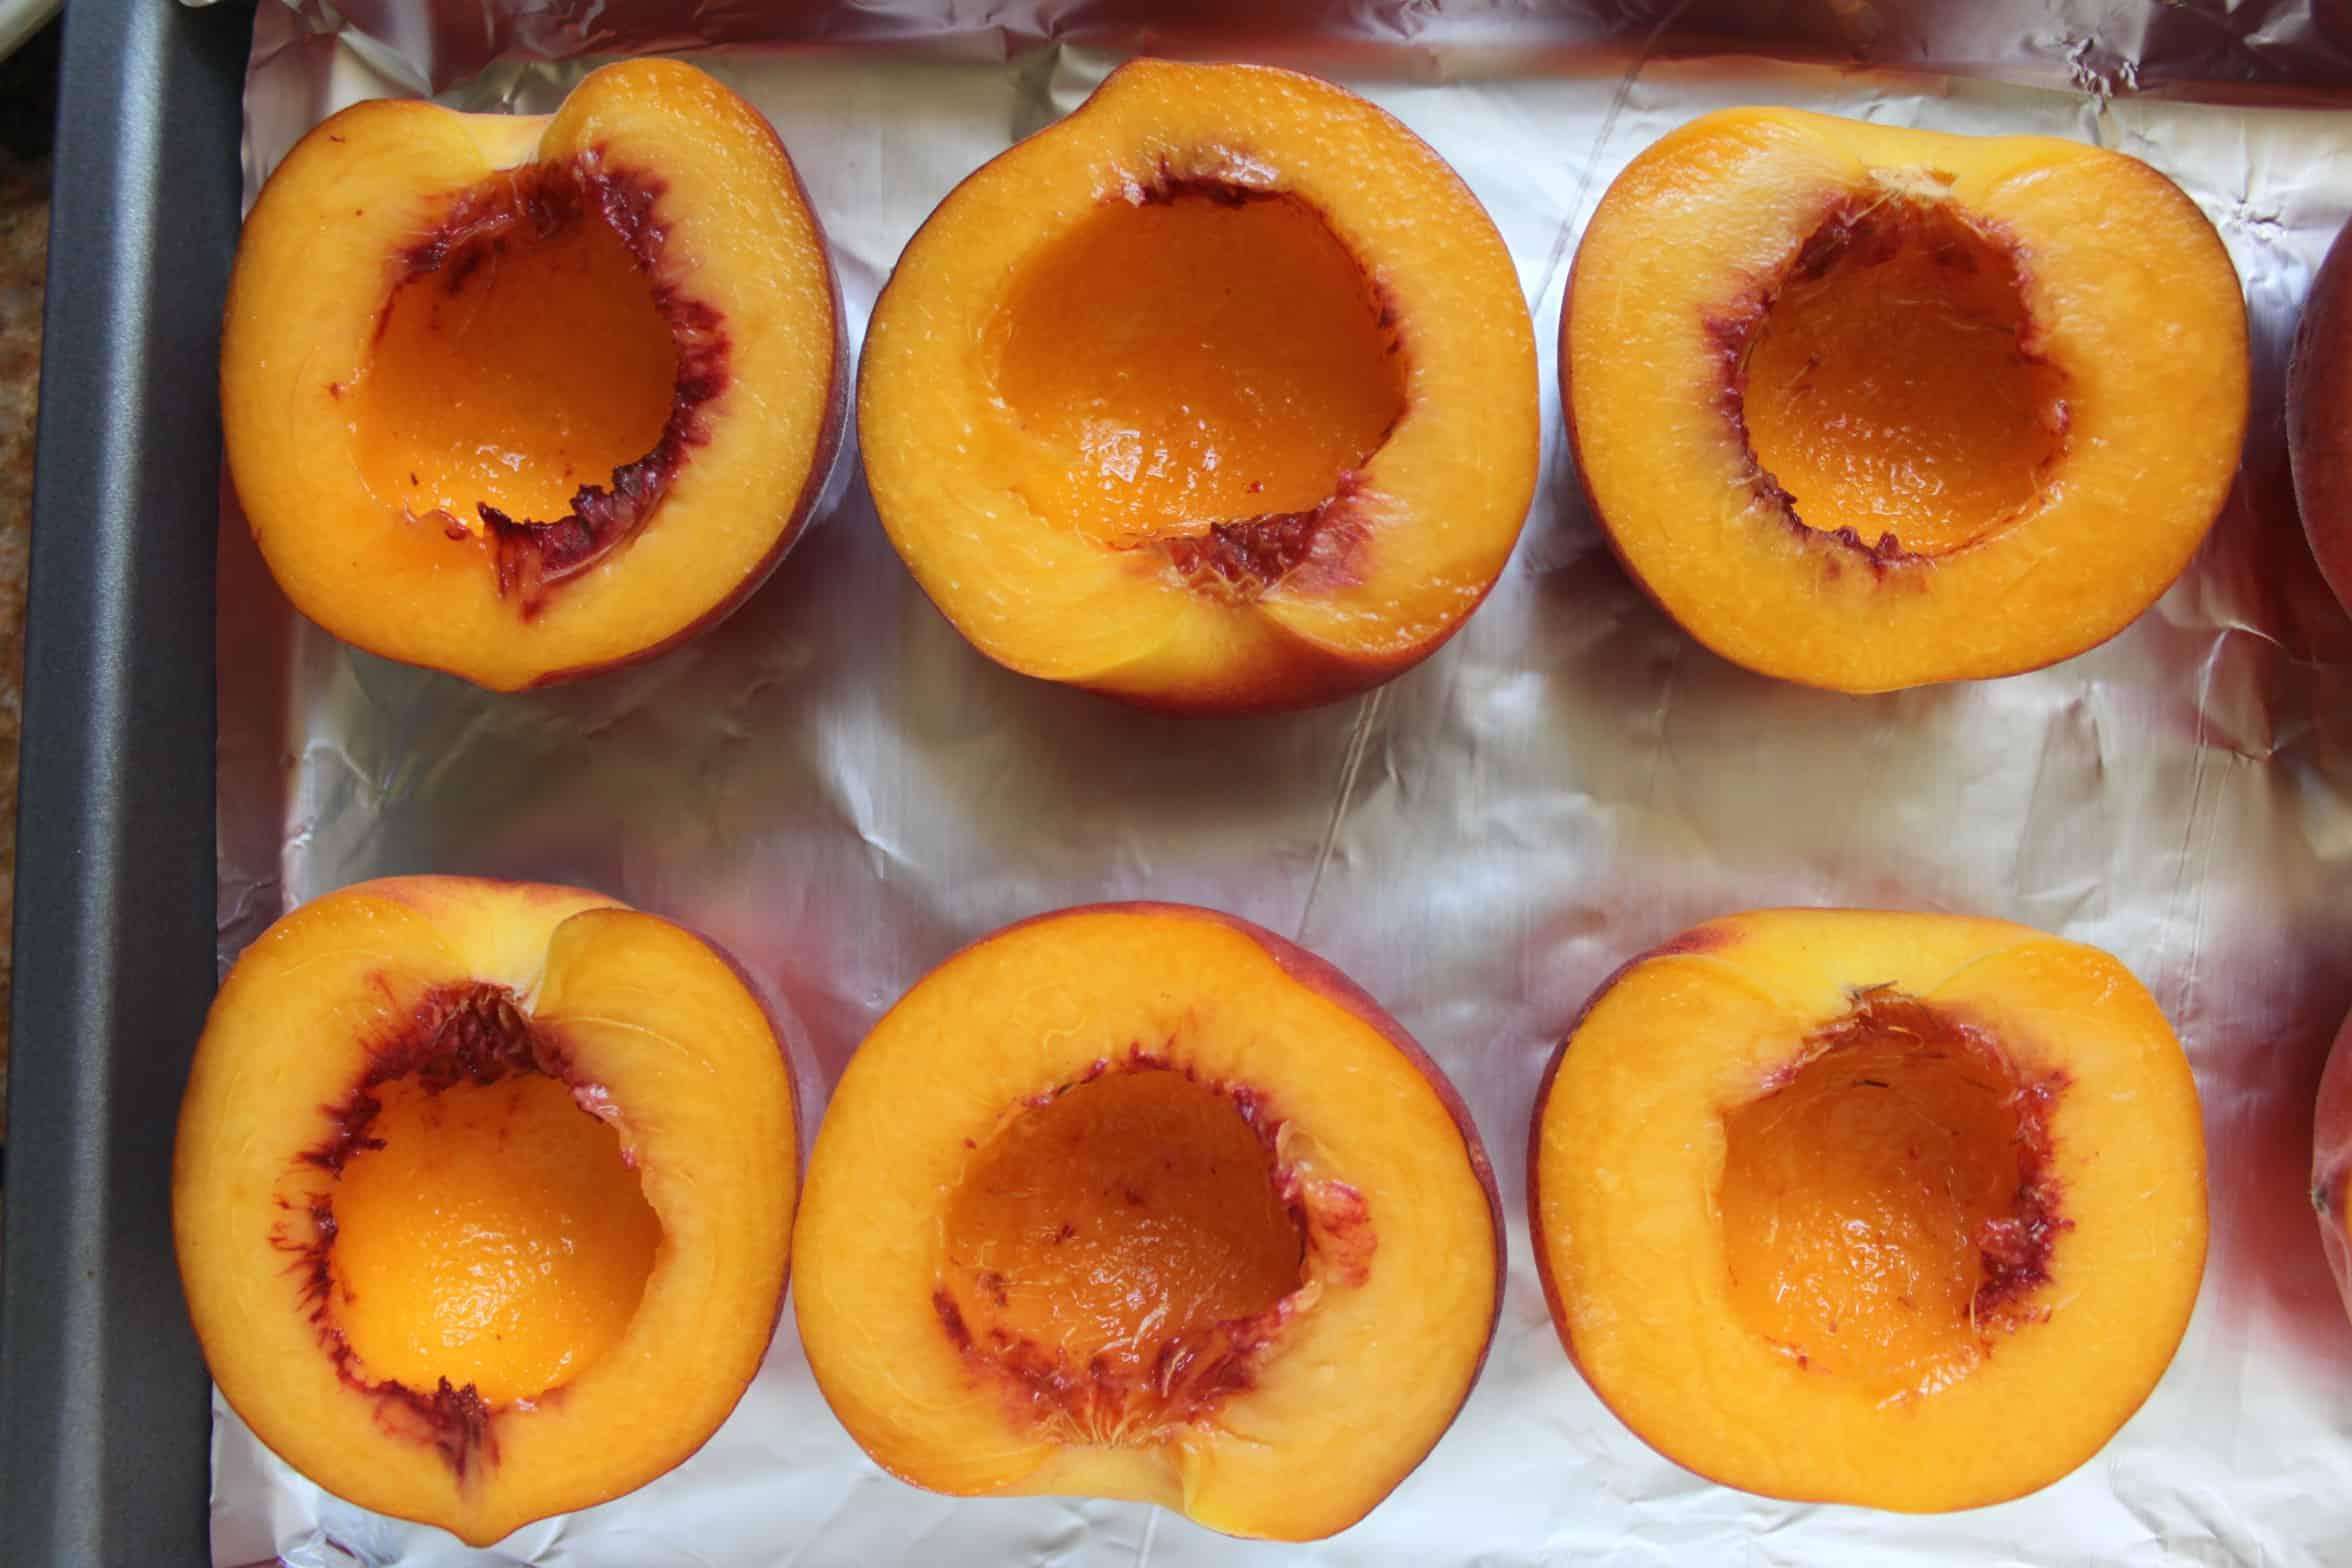 peach halves on a tray